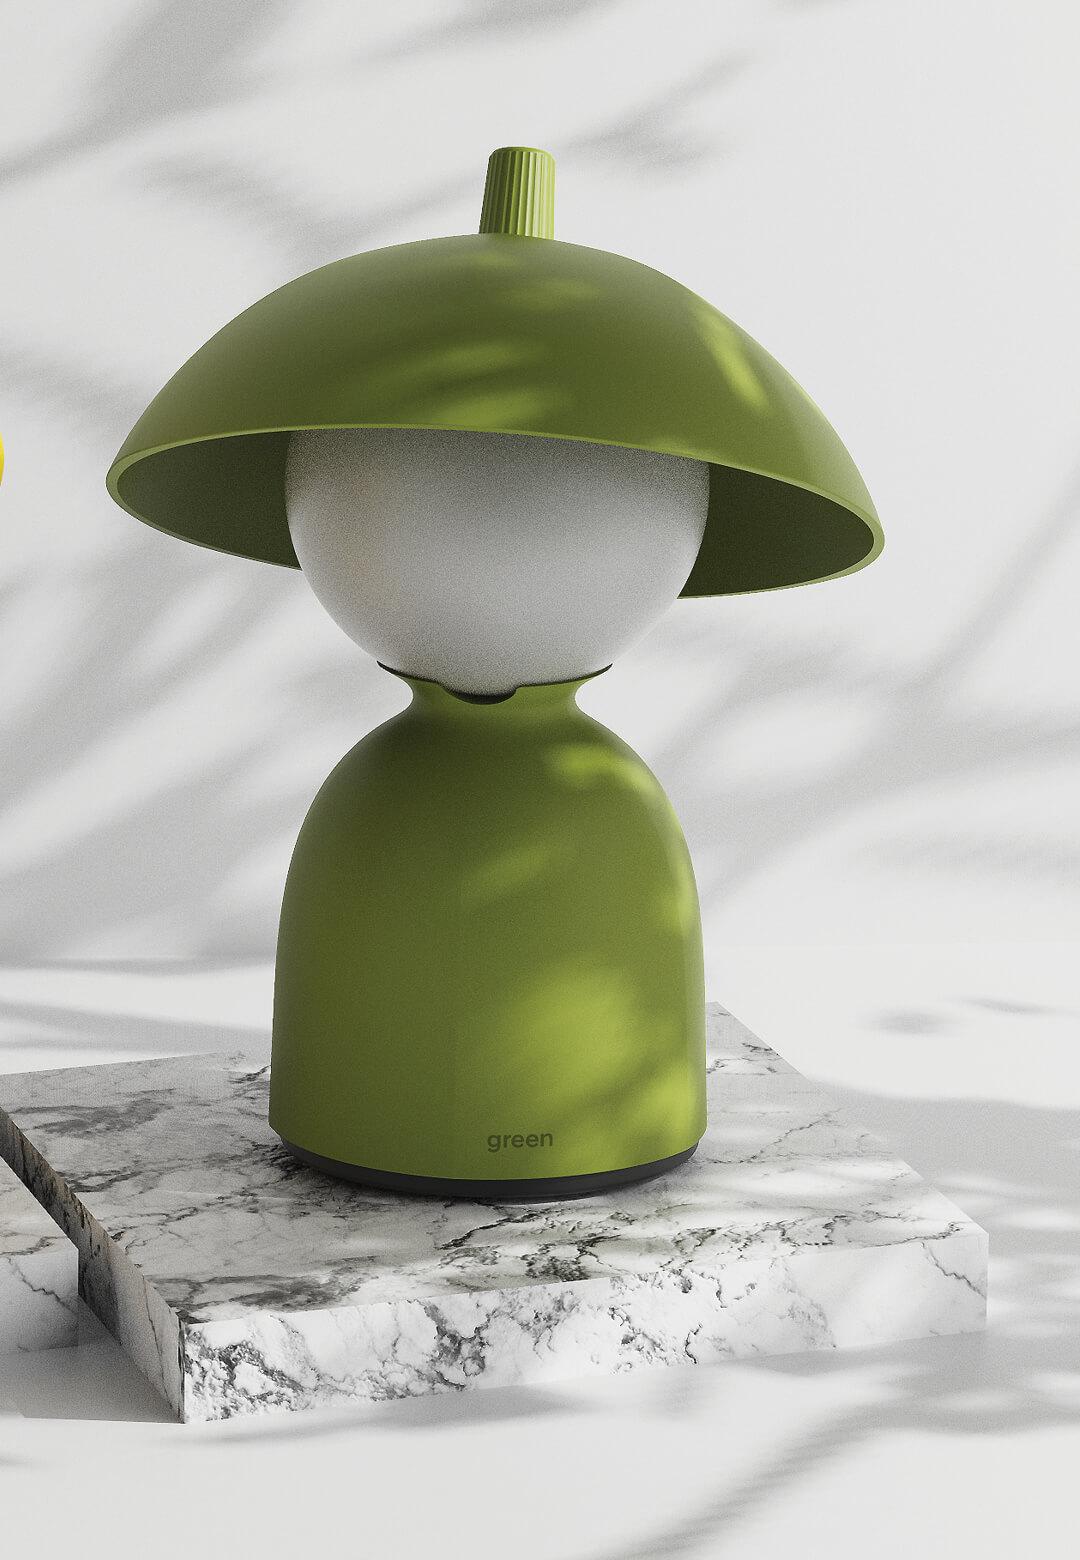 South Korean industrial designer Jaekyoung Oh conceptualises the Woo-bi desk lamp | Woo-bi Lamp by Jaekyoung Oh | STIRworld